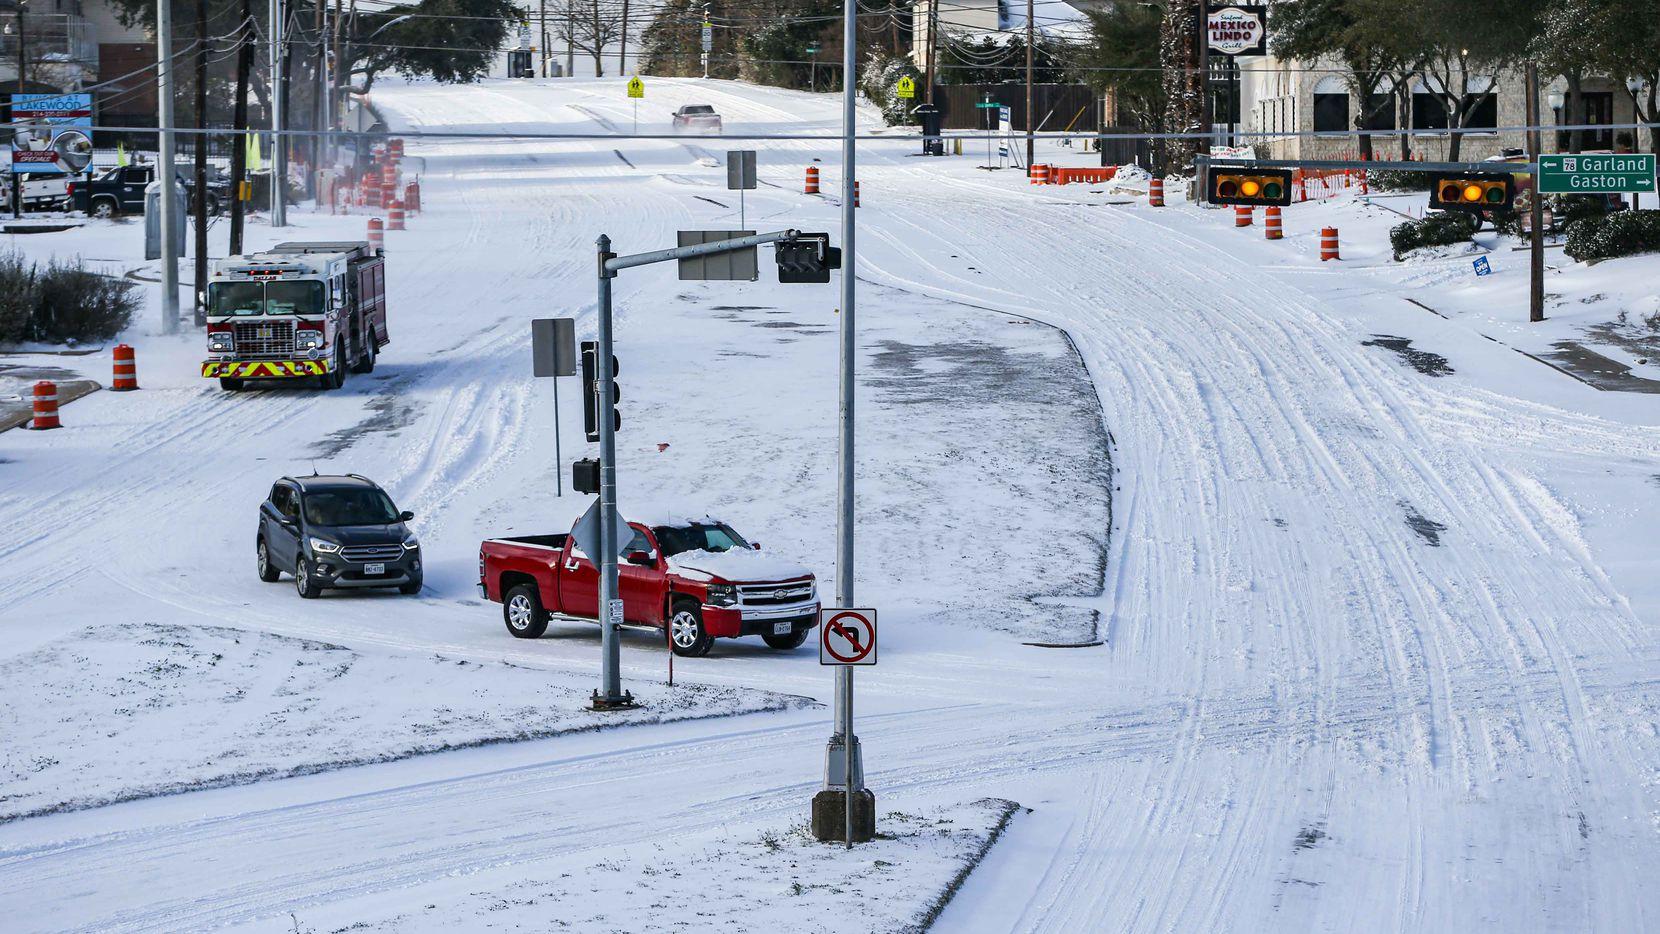 El frío extremo que se vive en Texas ha afectado el servicio eléctrico de varios usuarios en el Norte de México.